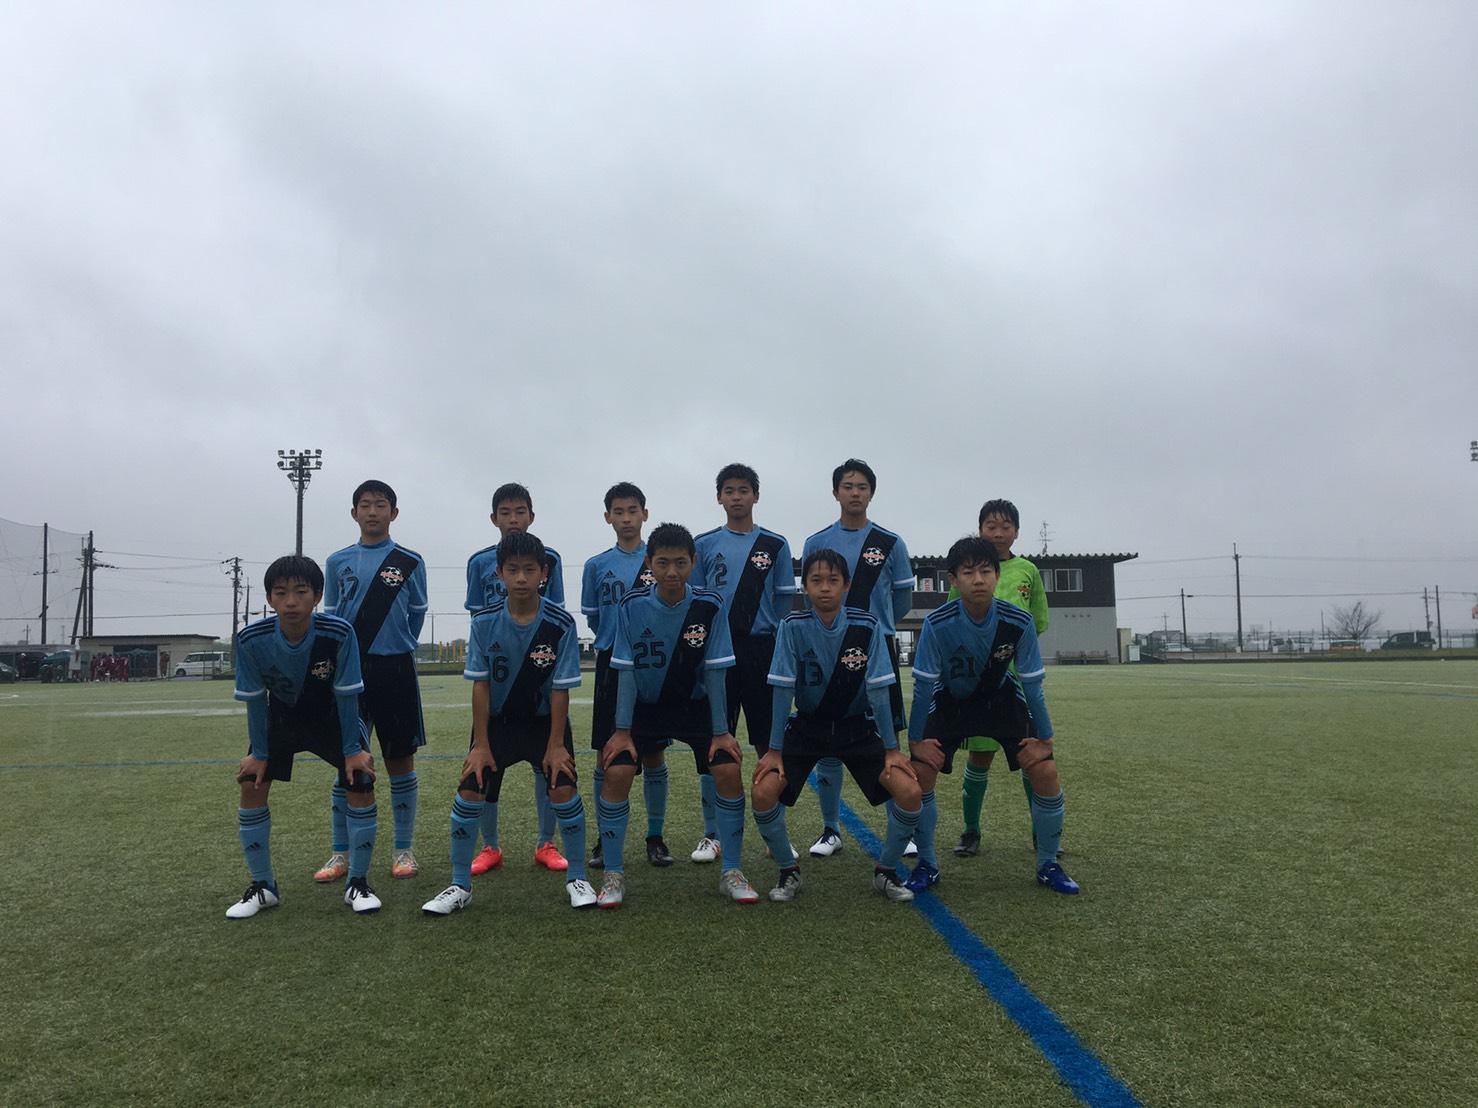 第36回 日本クラブユースサッカー選手権(U-15)大会 奈良県大会【1次リーグ結果】